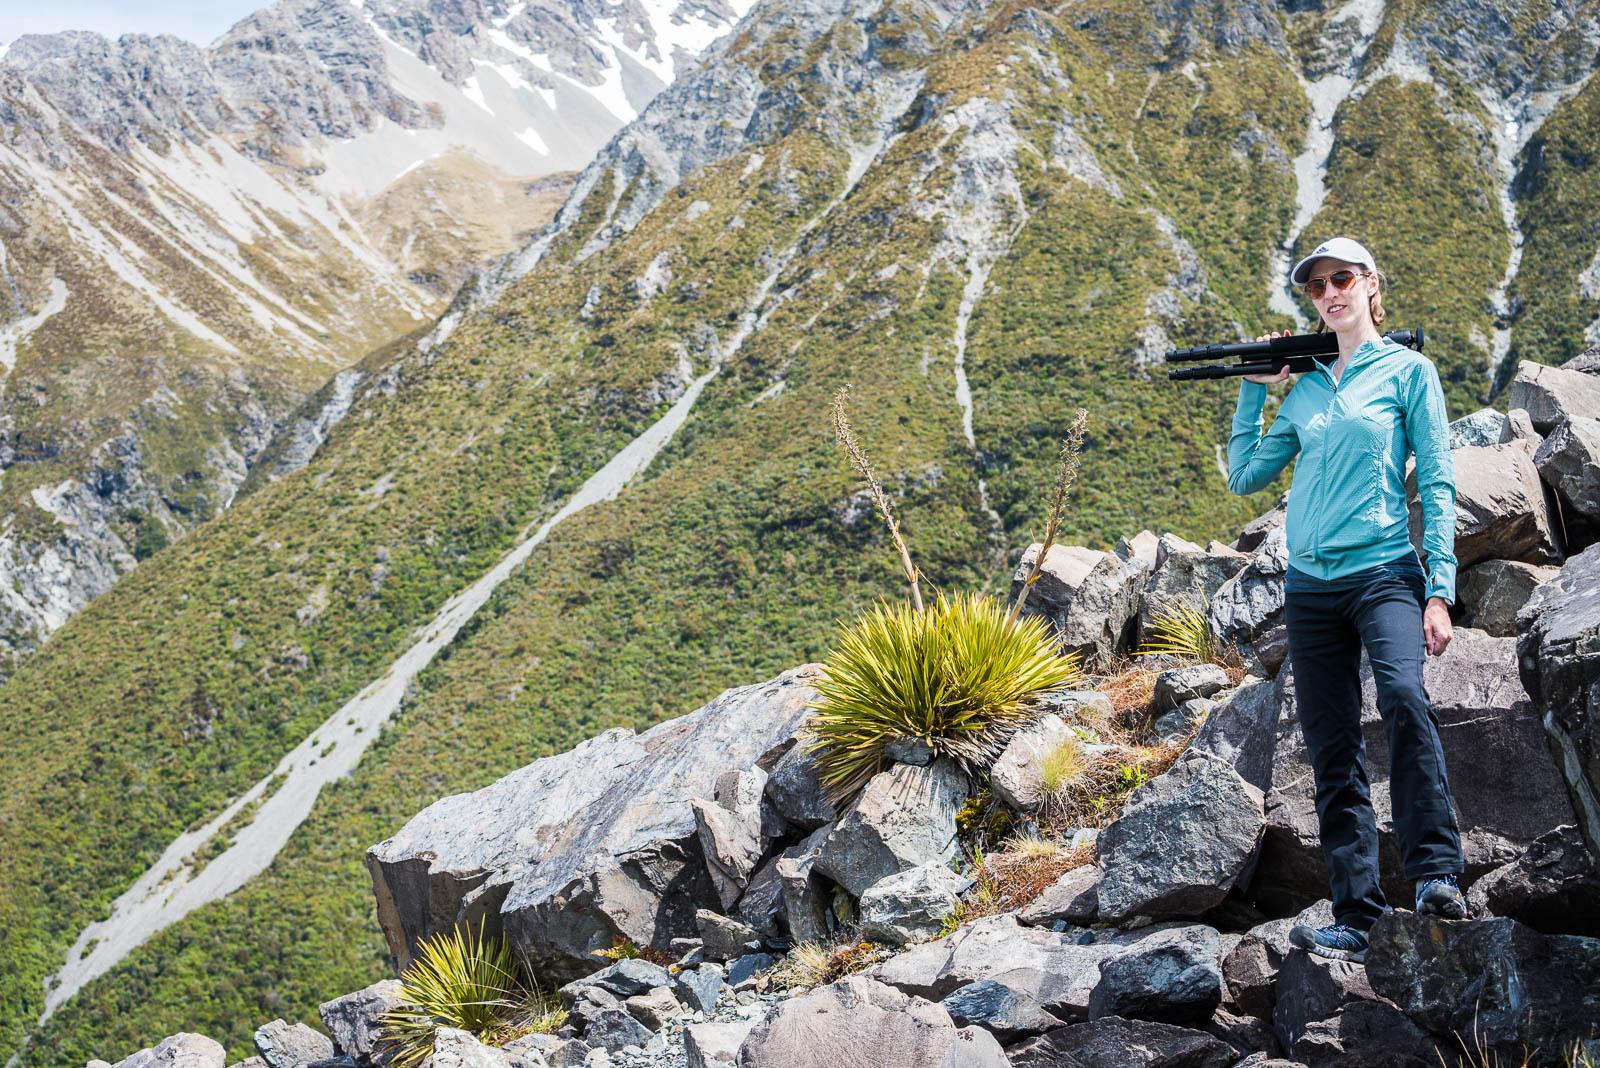 tasman lake tripod hiking